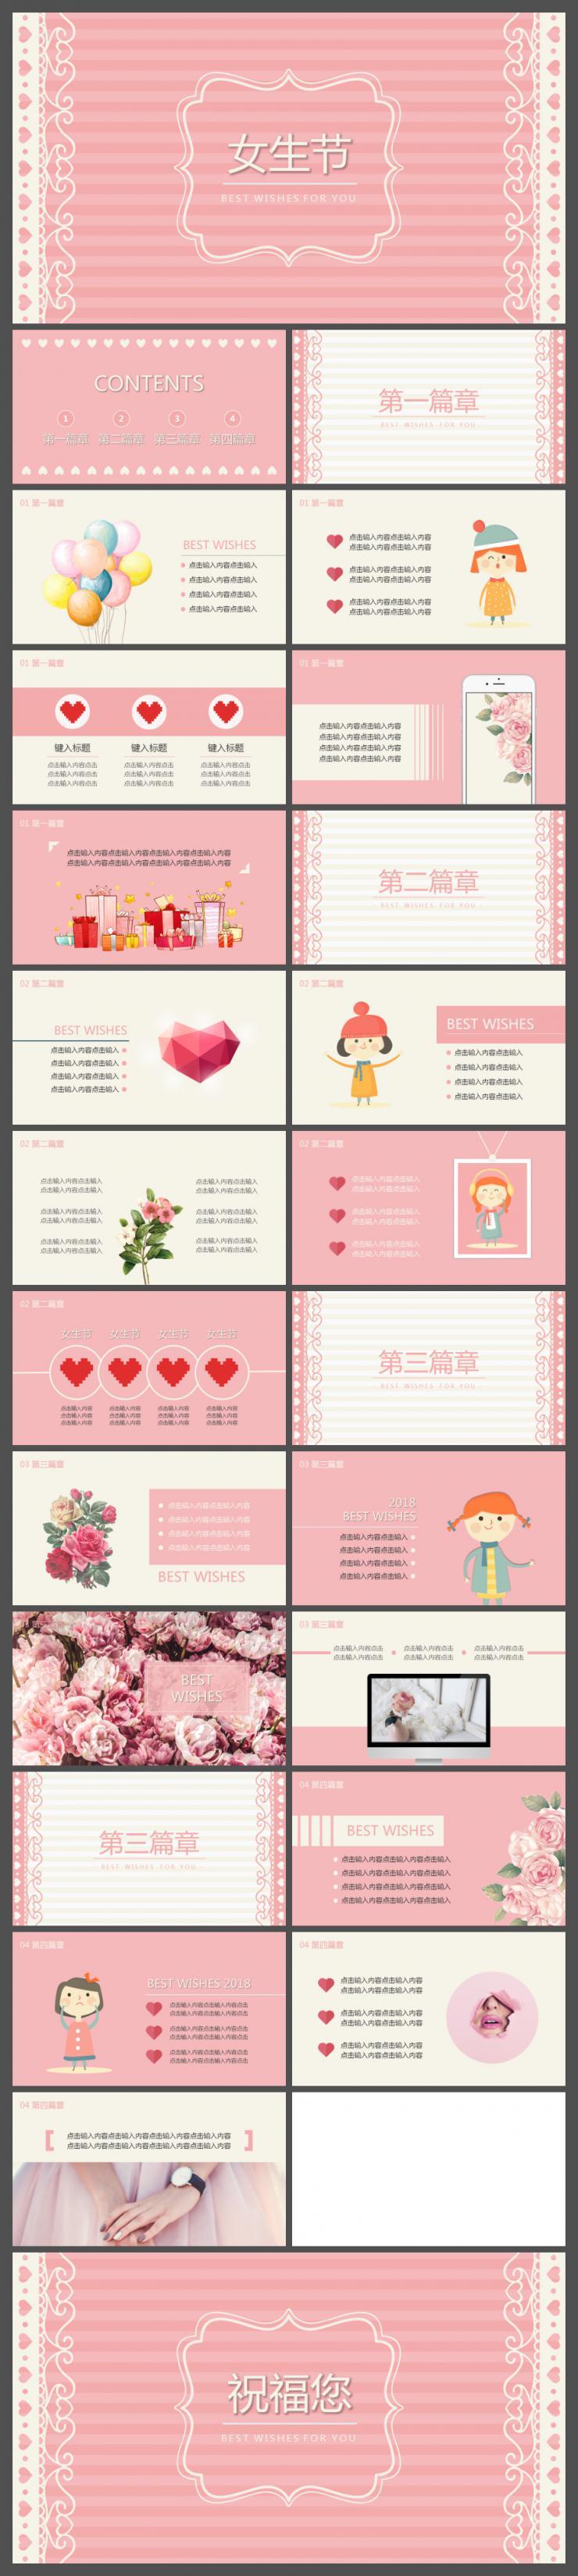 粉色系38可爱风格女生节主题PPT模板